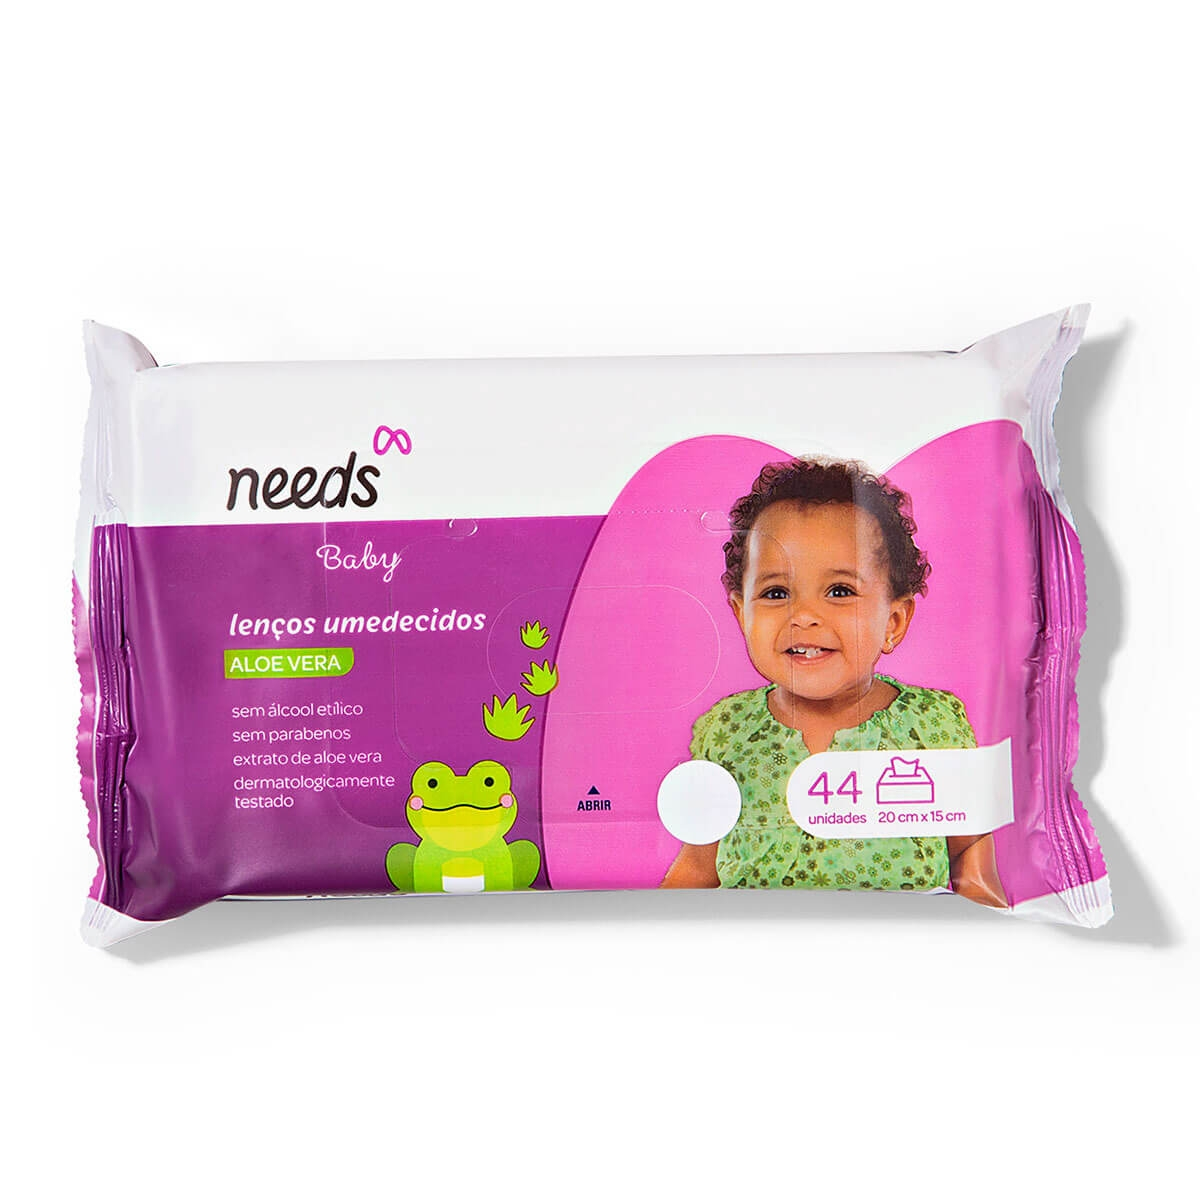 Lenço Umedecido Needs Baby Aloe Vera 44 Unidades